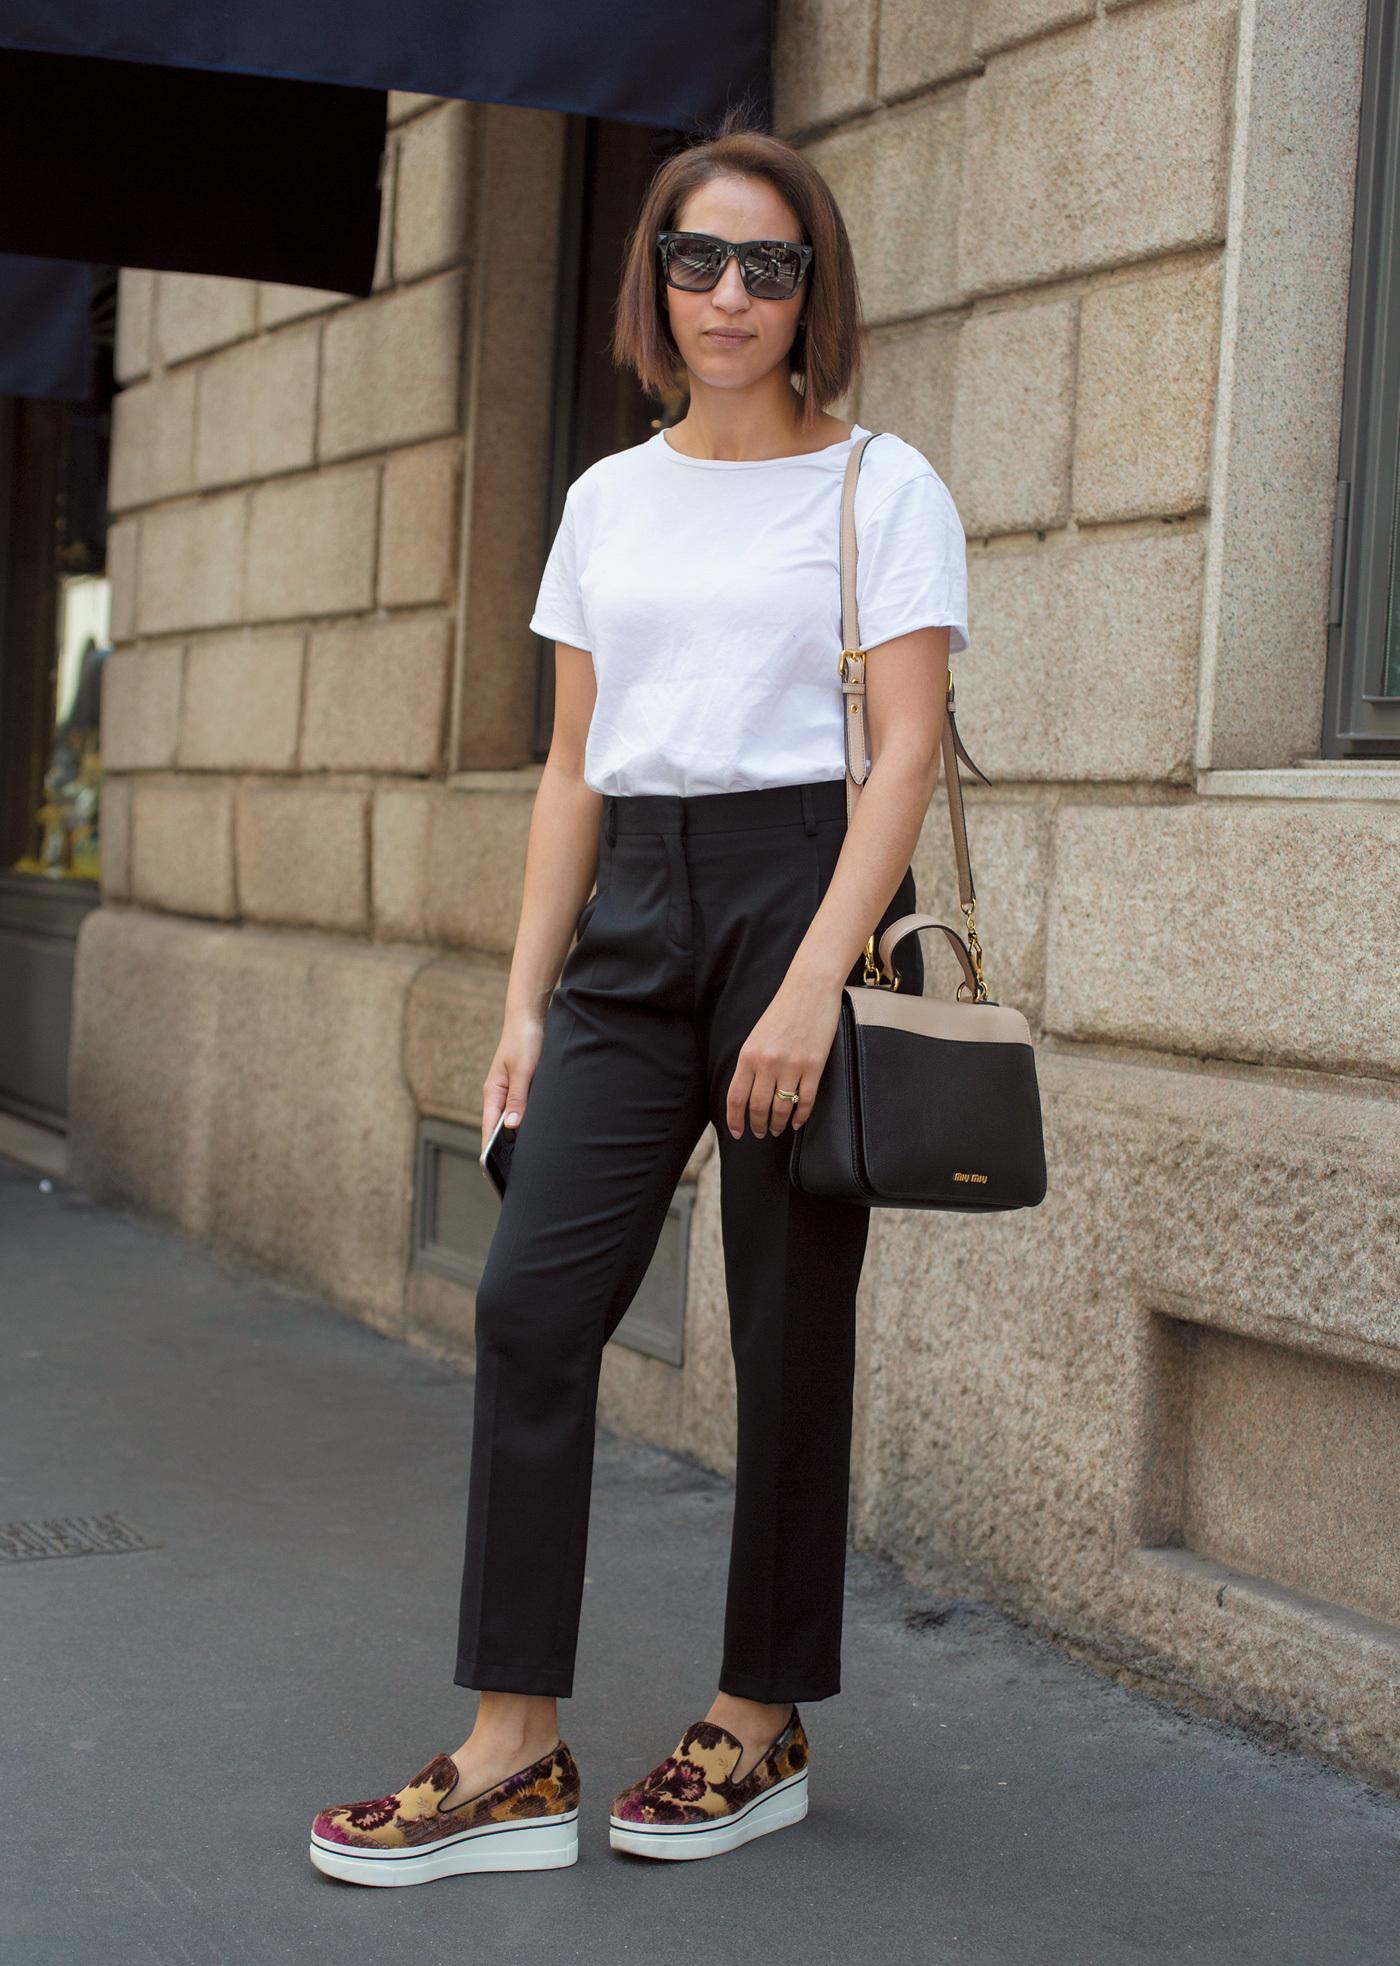 ミラノもパリも「やっぱり白Tシャツが好き!」【ファッションSNAP ミラノ・パリ編】_1_1